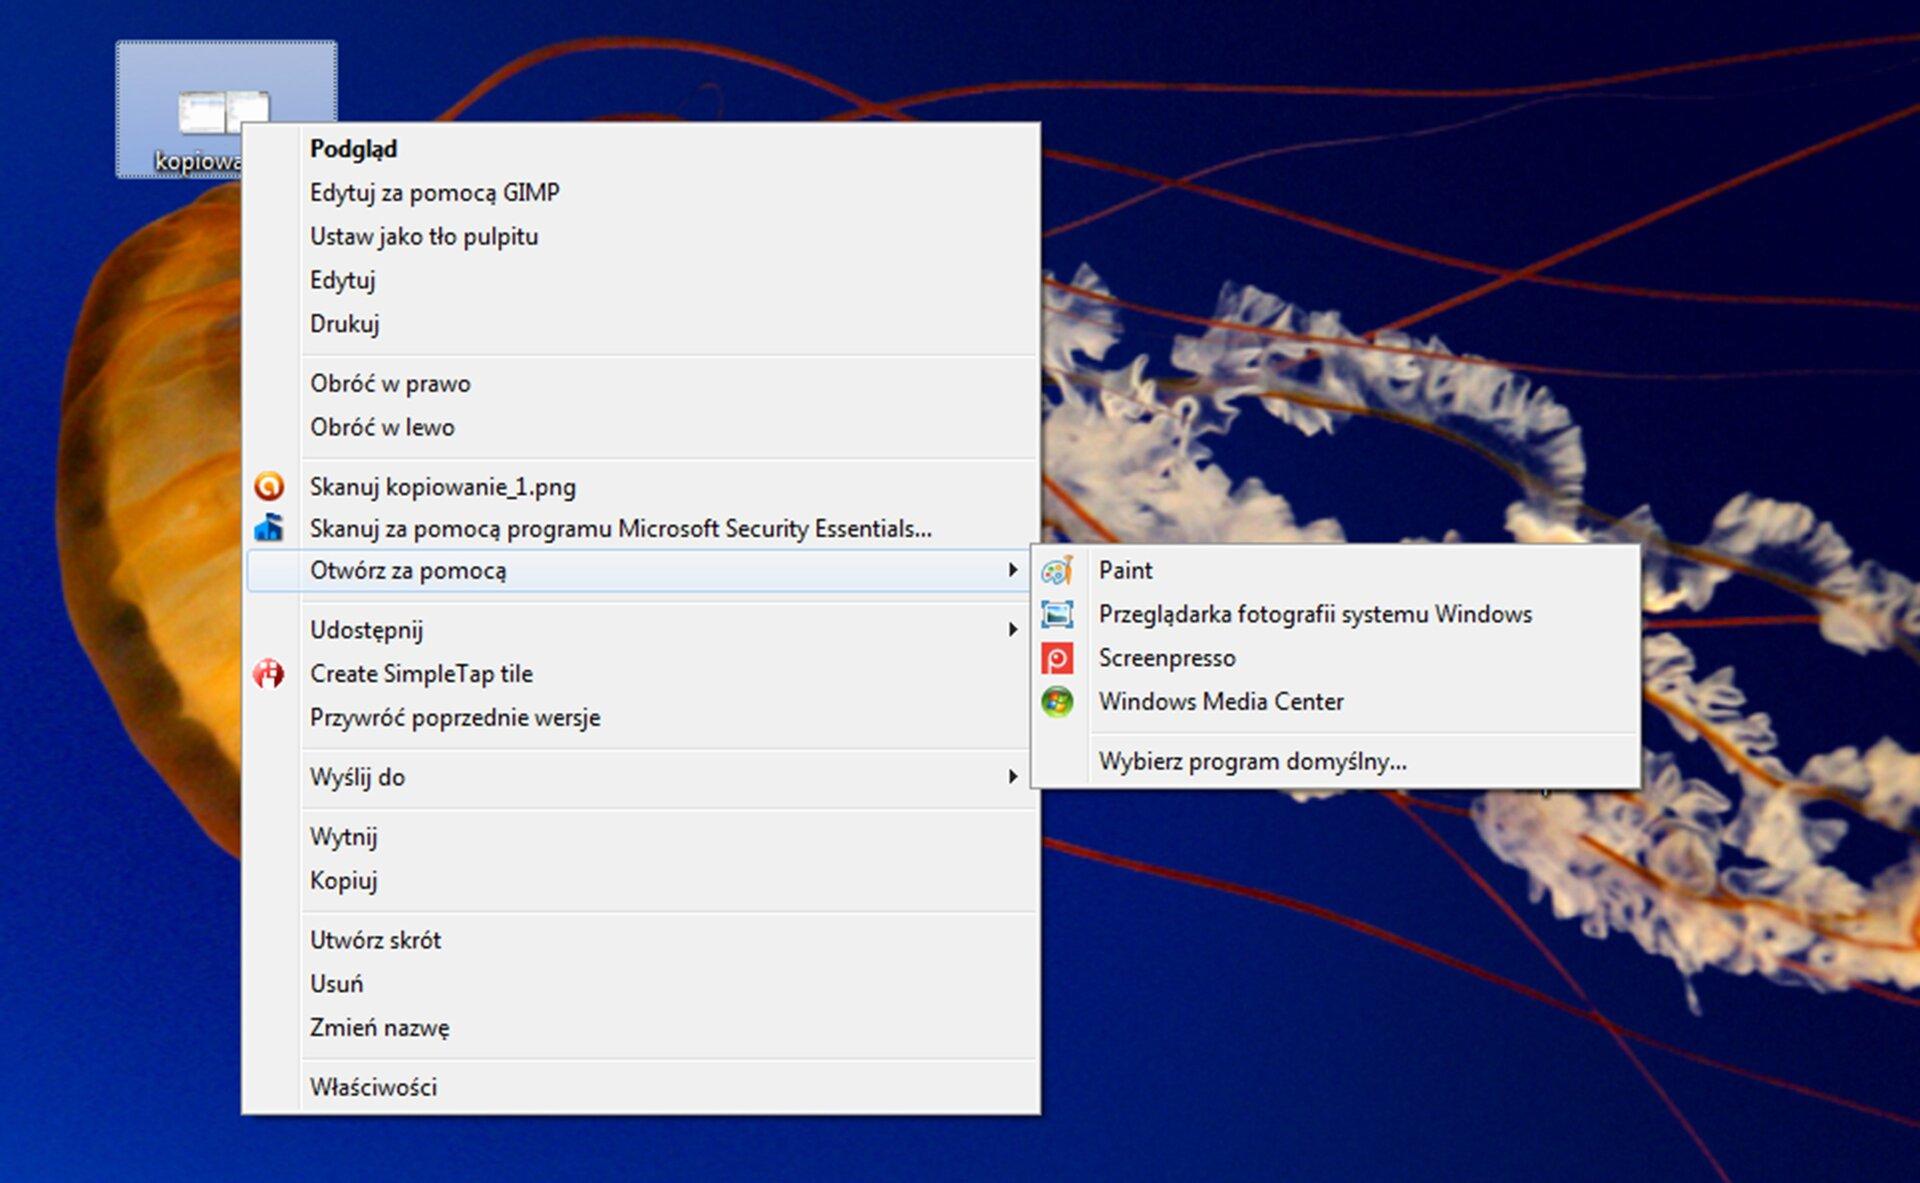 Zrzut okna pulpitu systemu Windows zpokazanym menu kontekstowym otwierania pliku graficznego